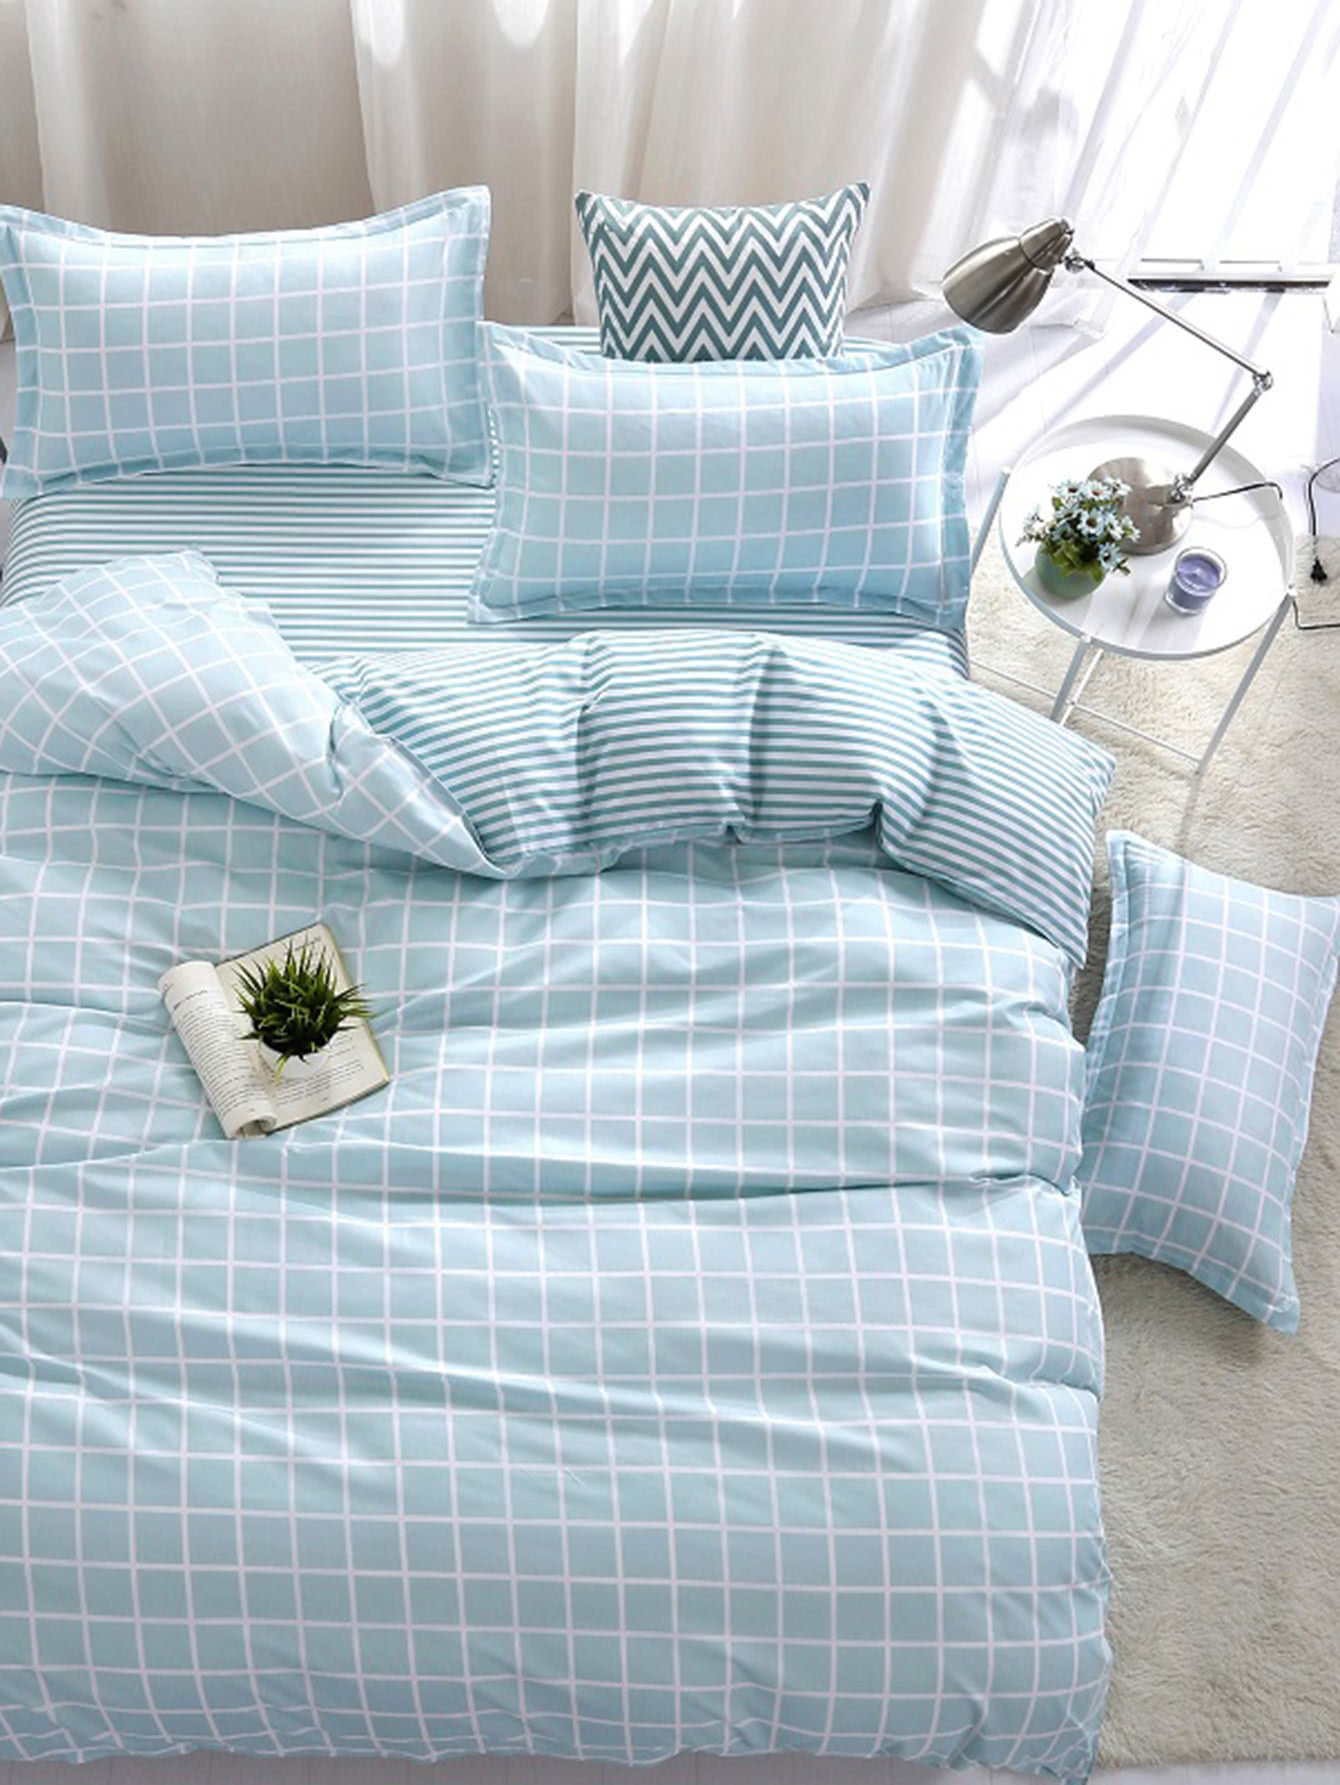 Купить Комплект для кровати в клетку с полосками, null, SheIn